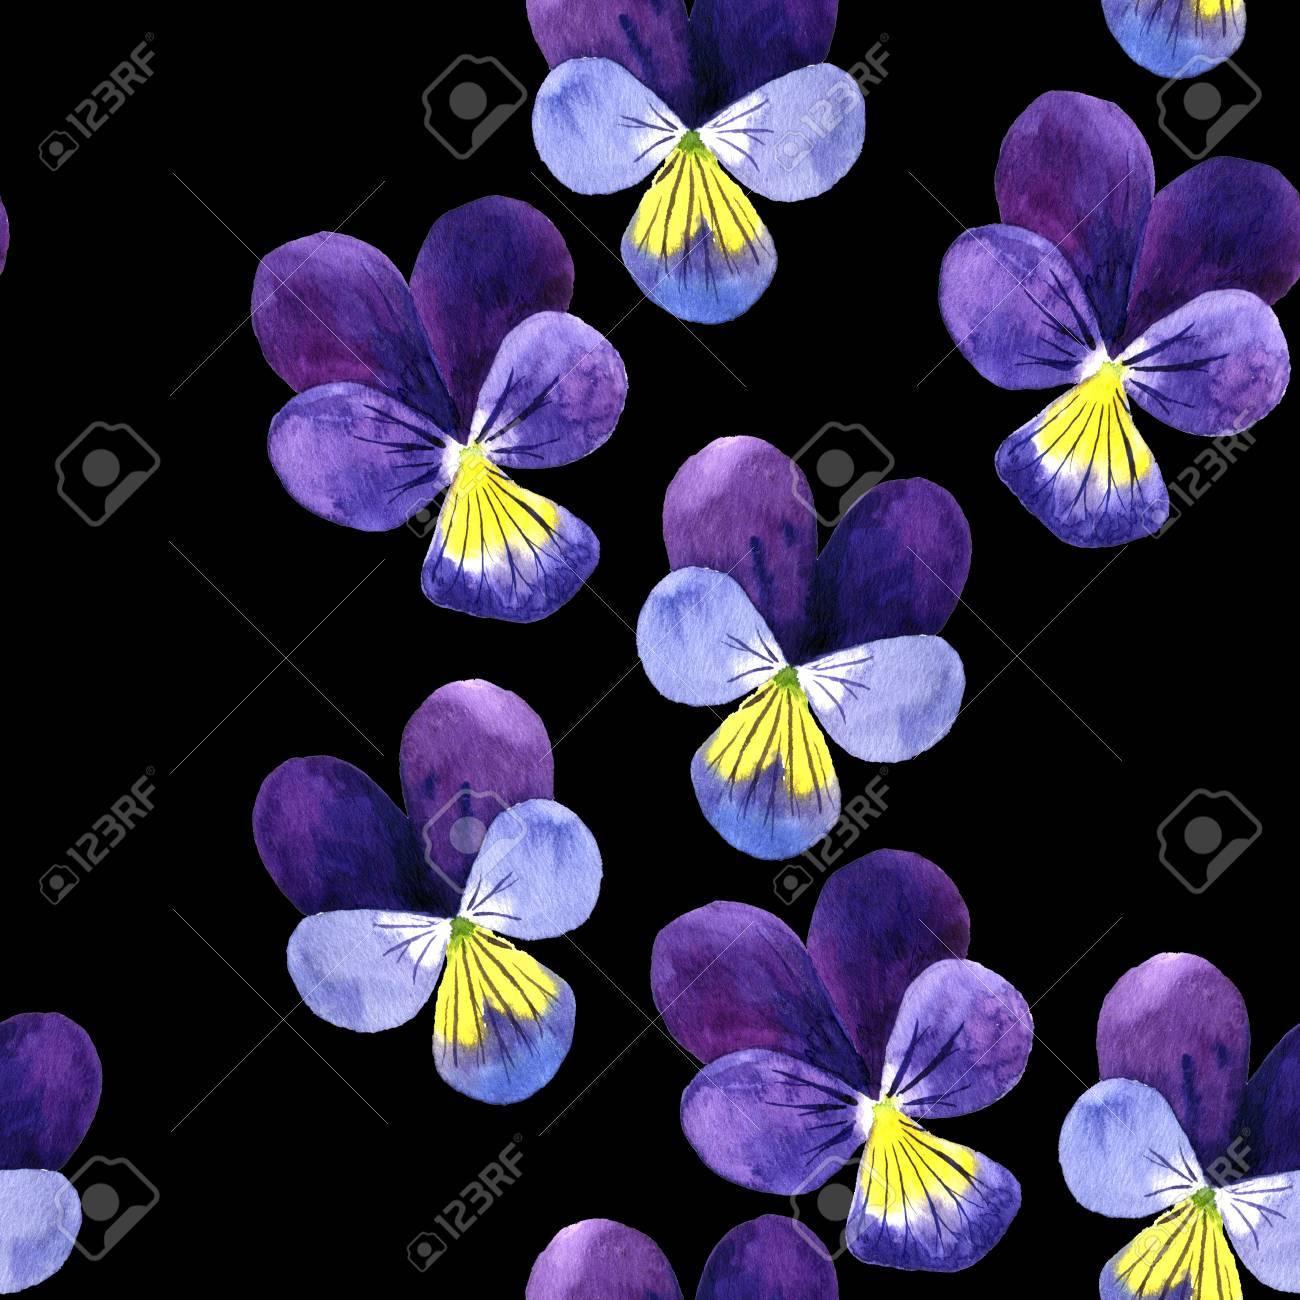 Modele Sans Couture Avec Aquarelle Dessin Fleurs Violettes En Toile